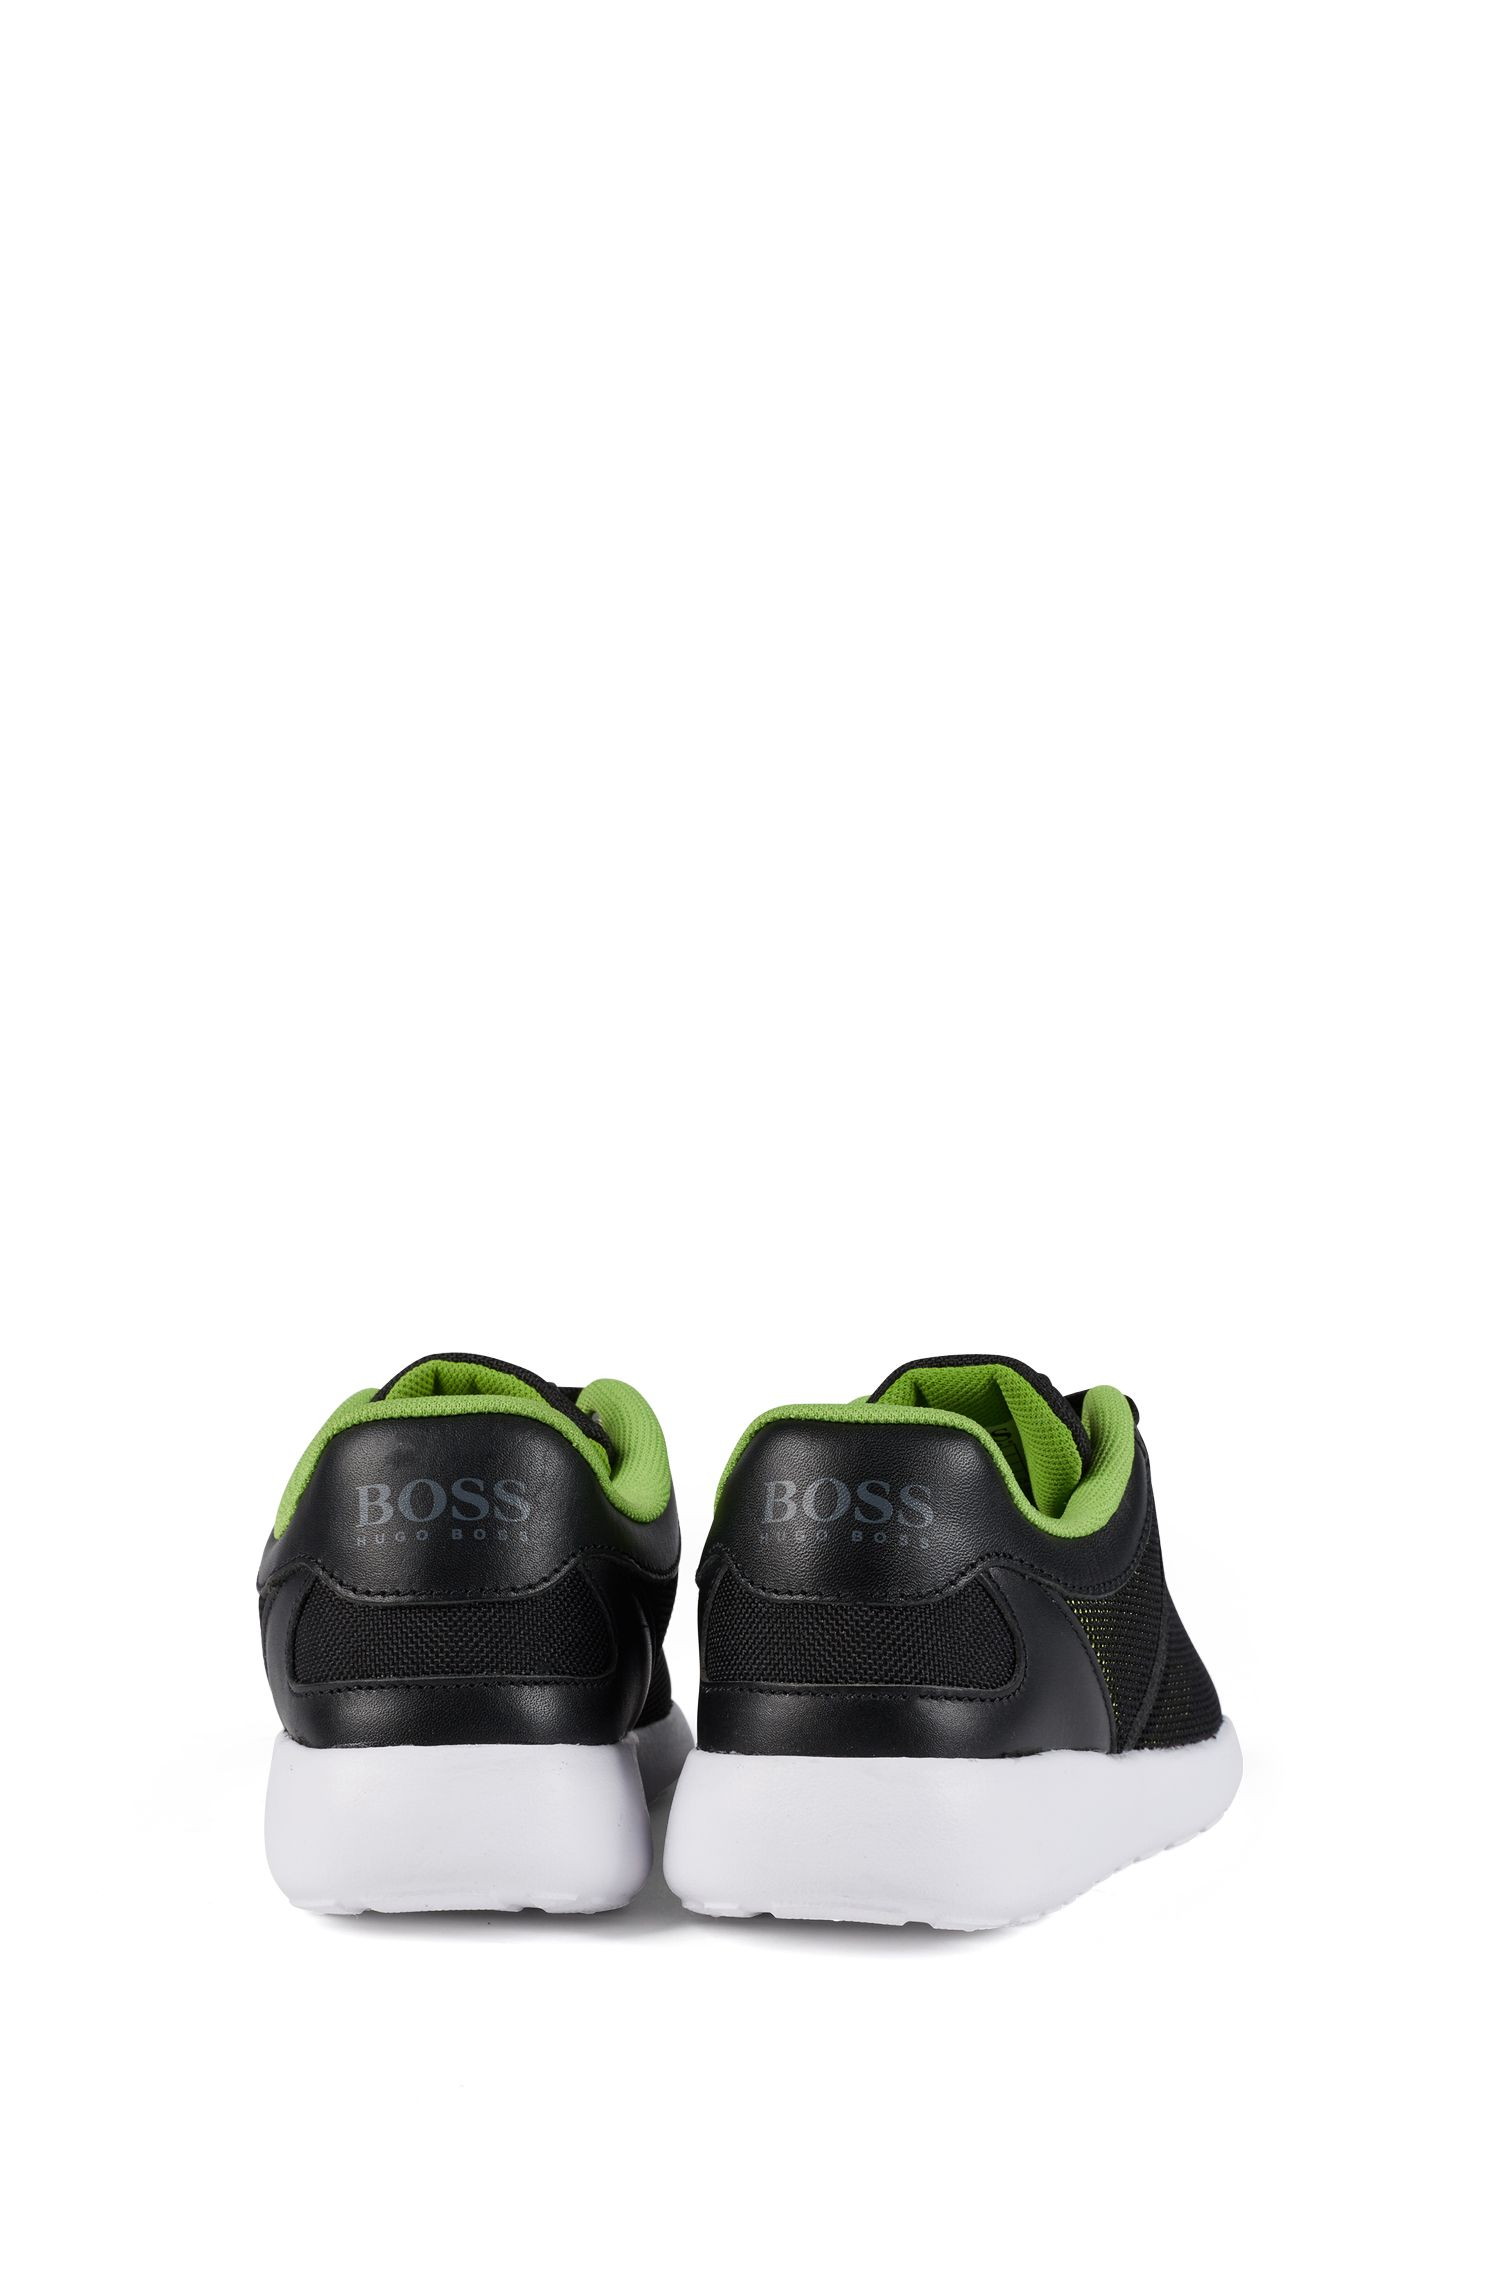 Baskets style chaussures de course à finitions cuir pour enfant, Noir